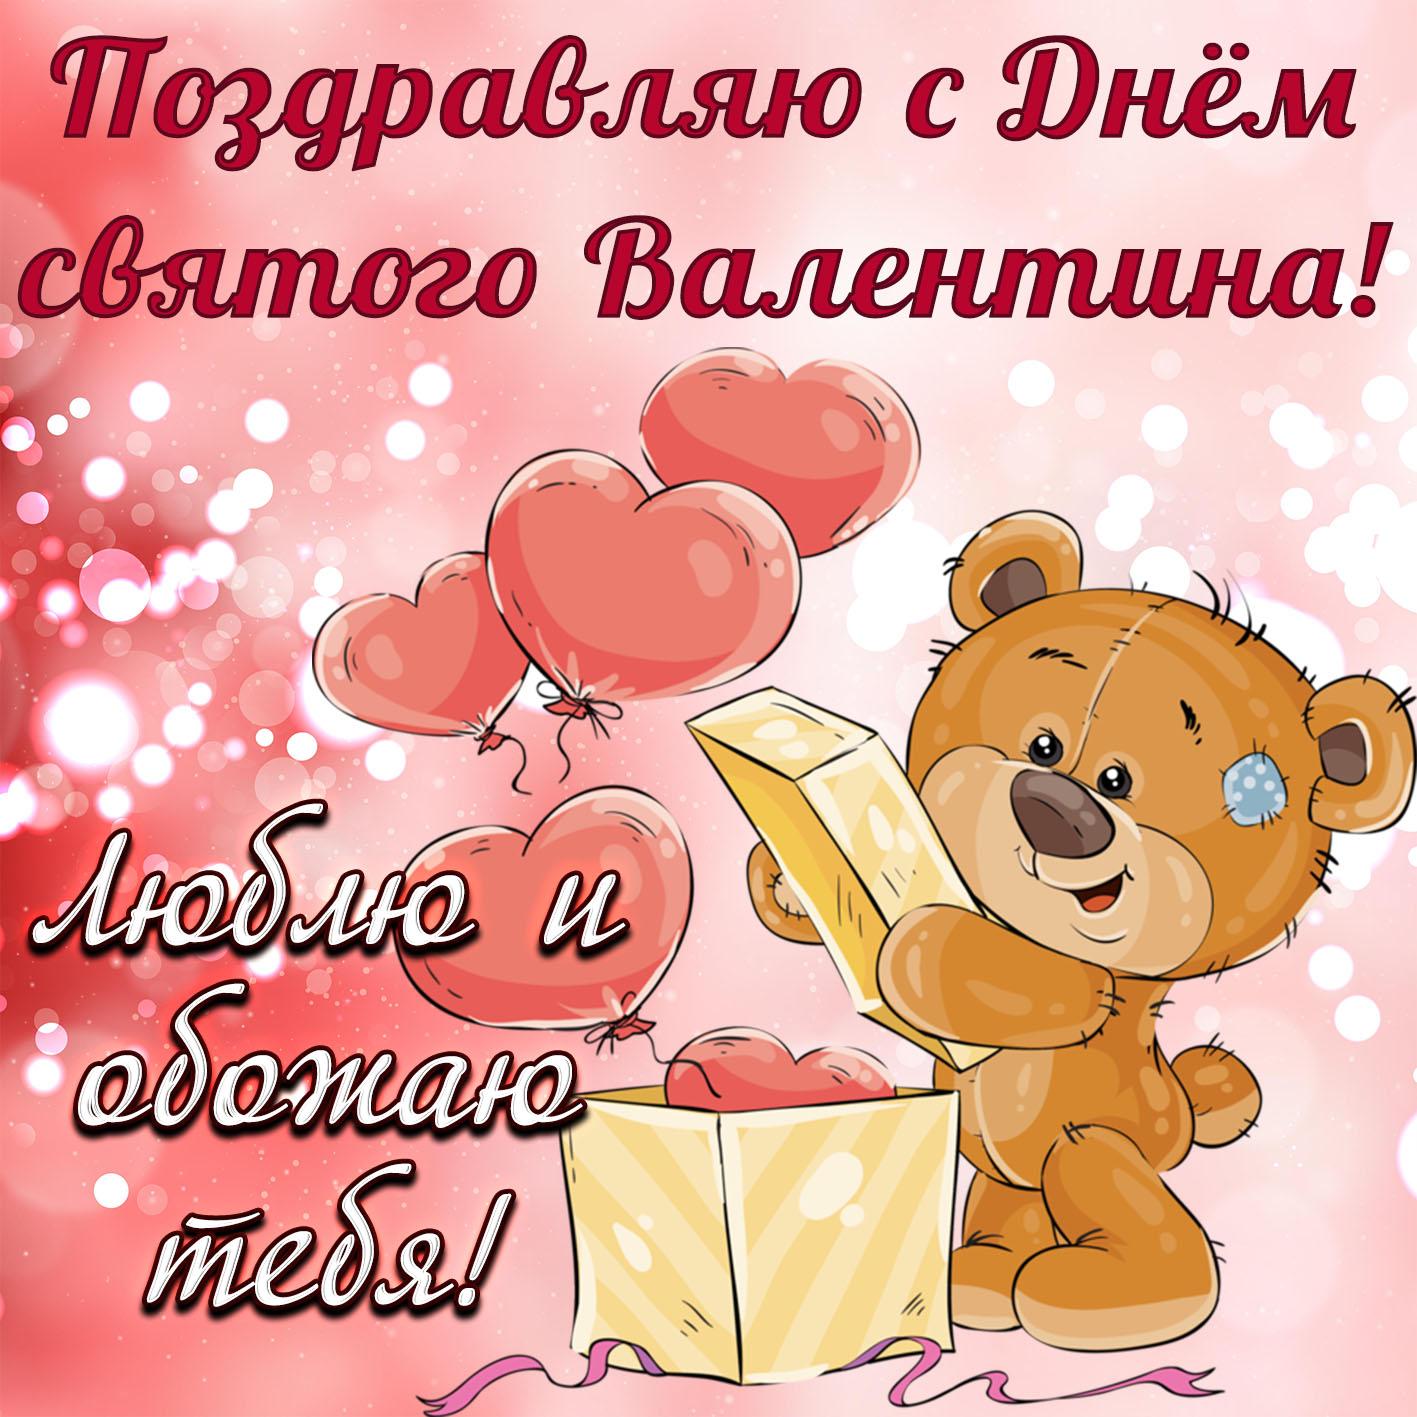 Открытка на День святого Валентина - медвежонок выпускает сердечки из коробки